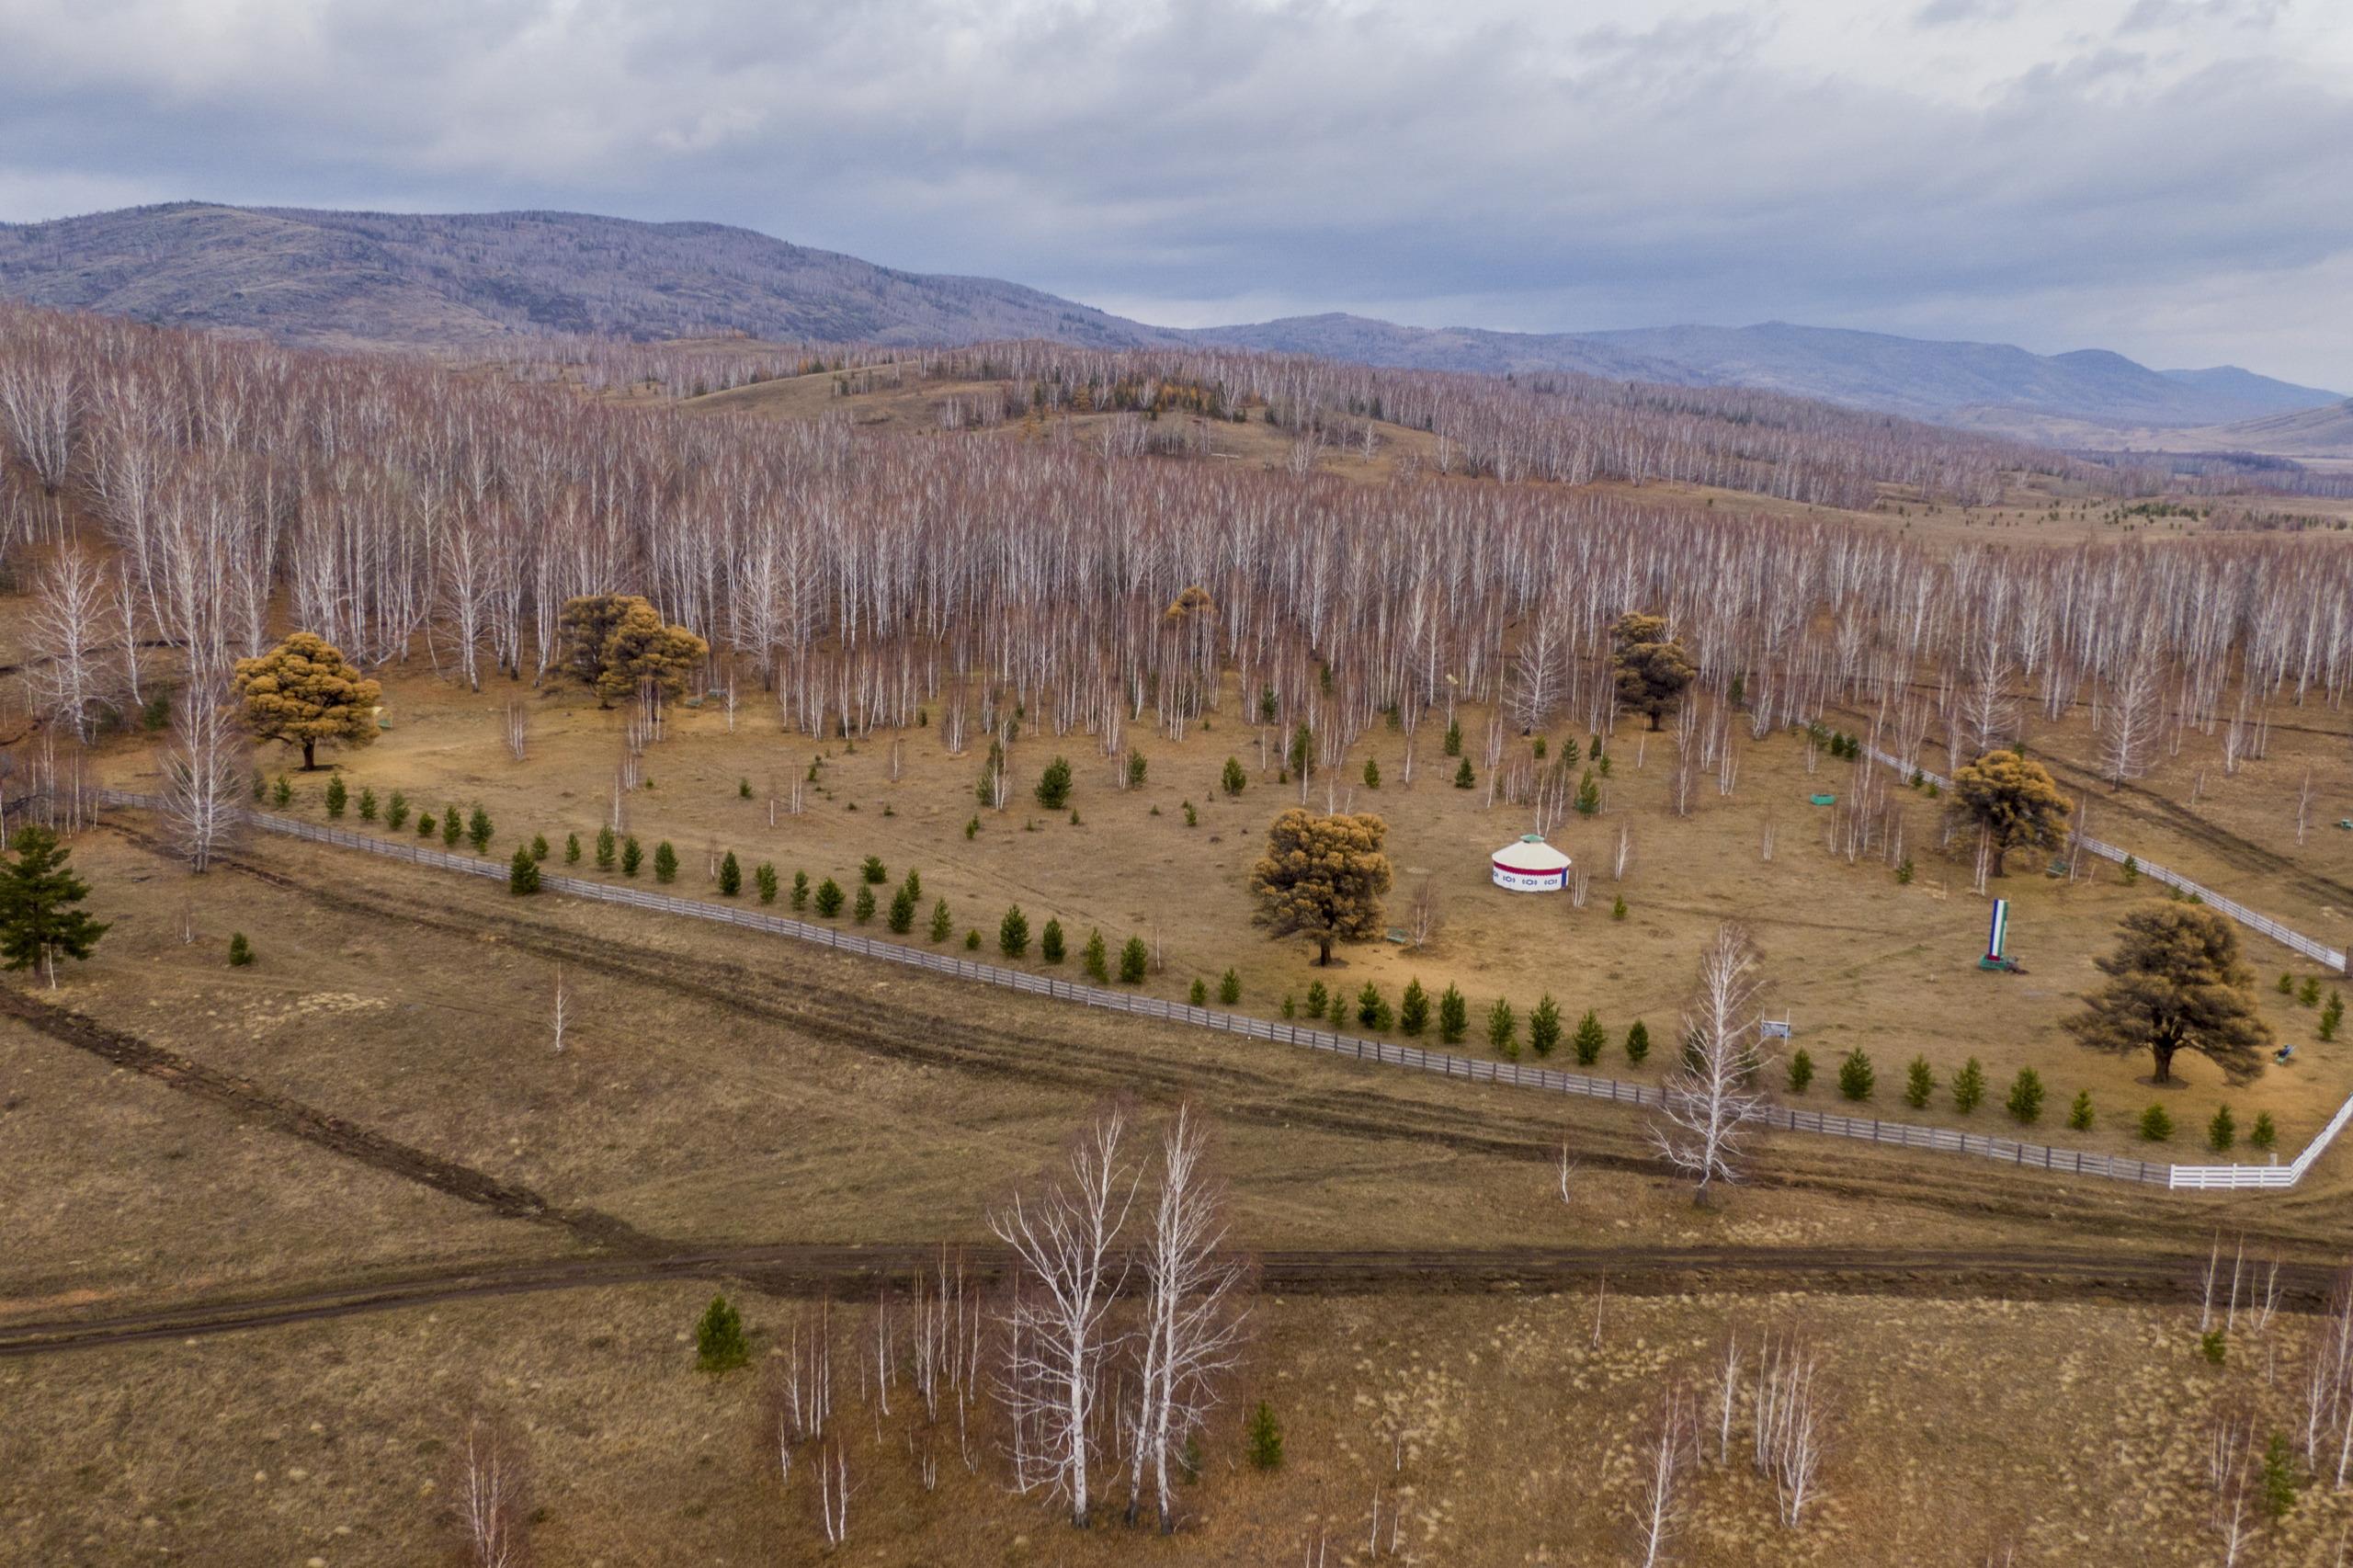 Поляна, где растут кудрявые лиственницы, находится на опушке леса